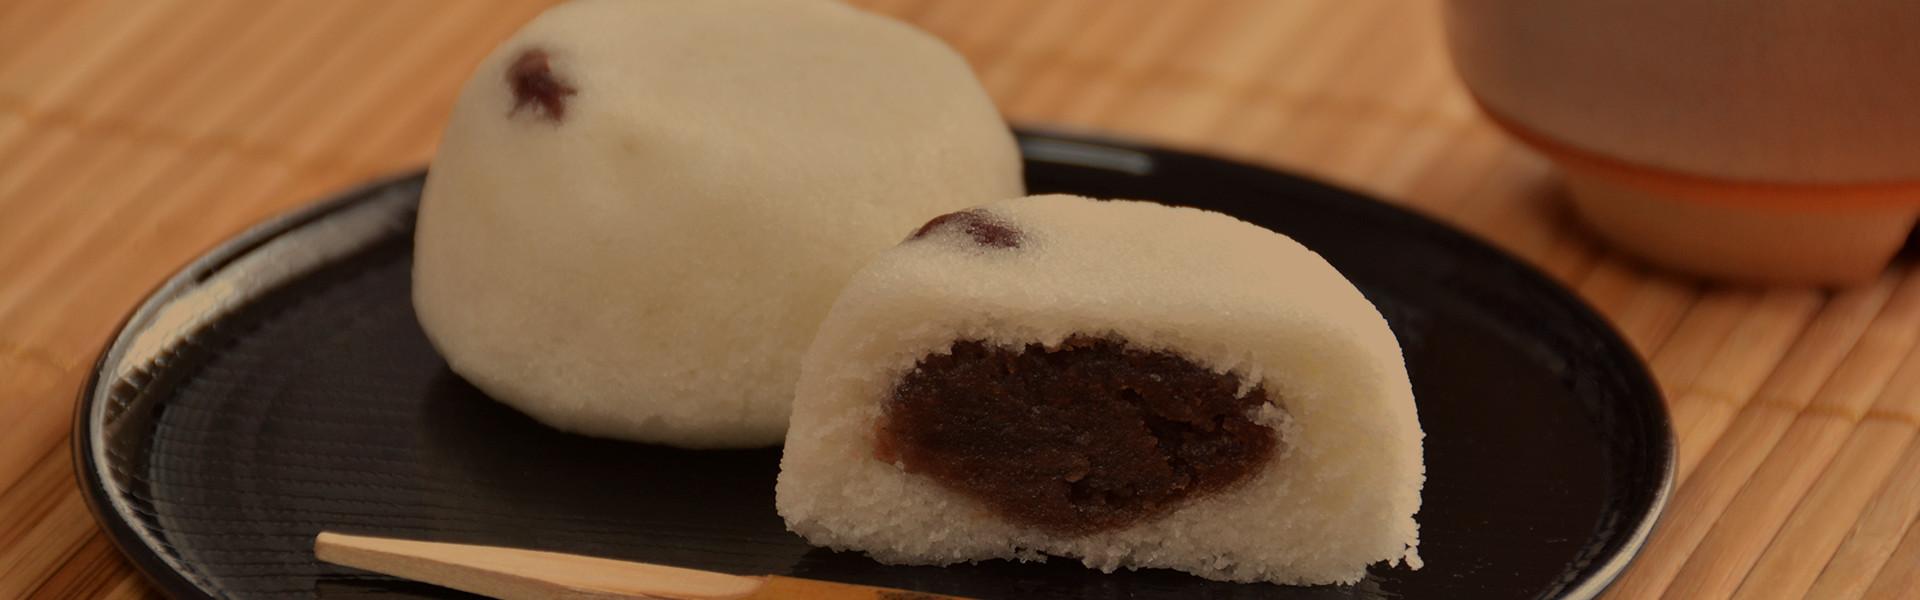 鹿児島銘菓と一緒にふるさとランドをお楽しみください